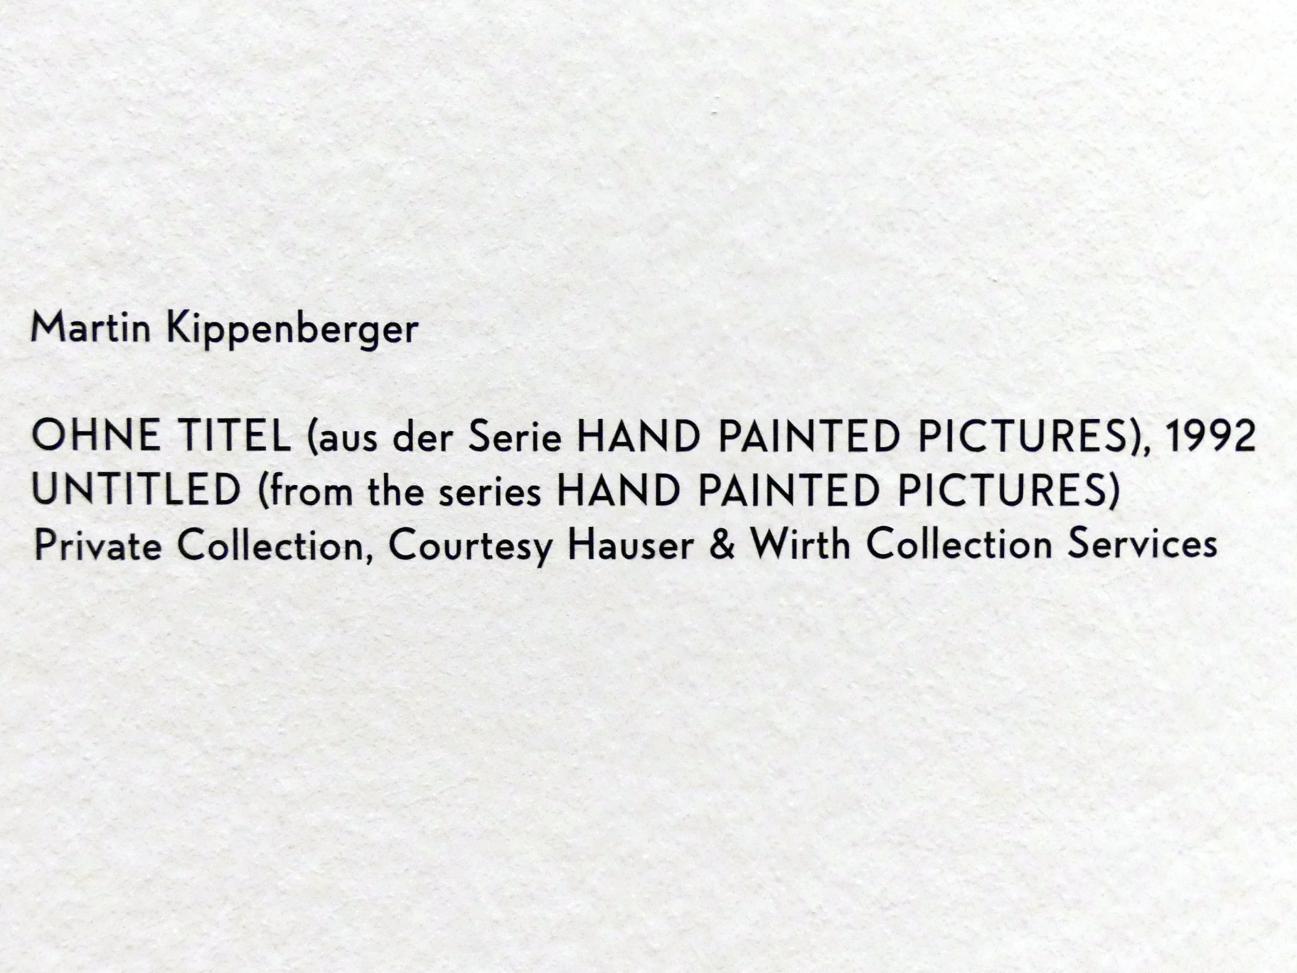 Martin Kippenberger: Ohne Titel, 1992, Bild 2/2